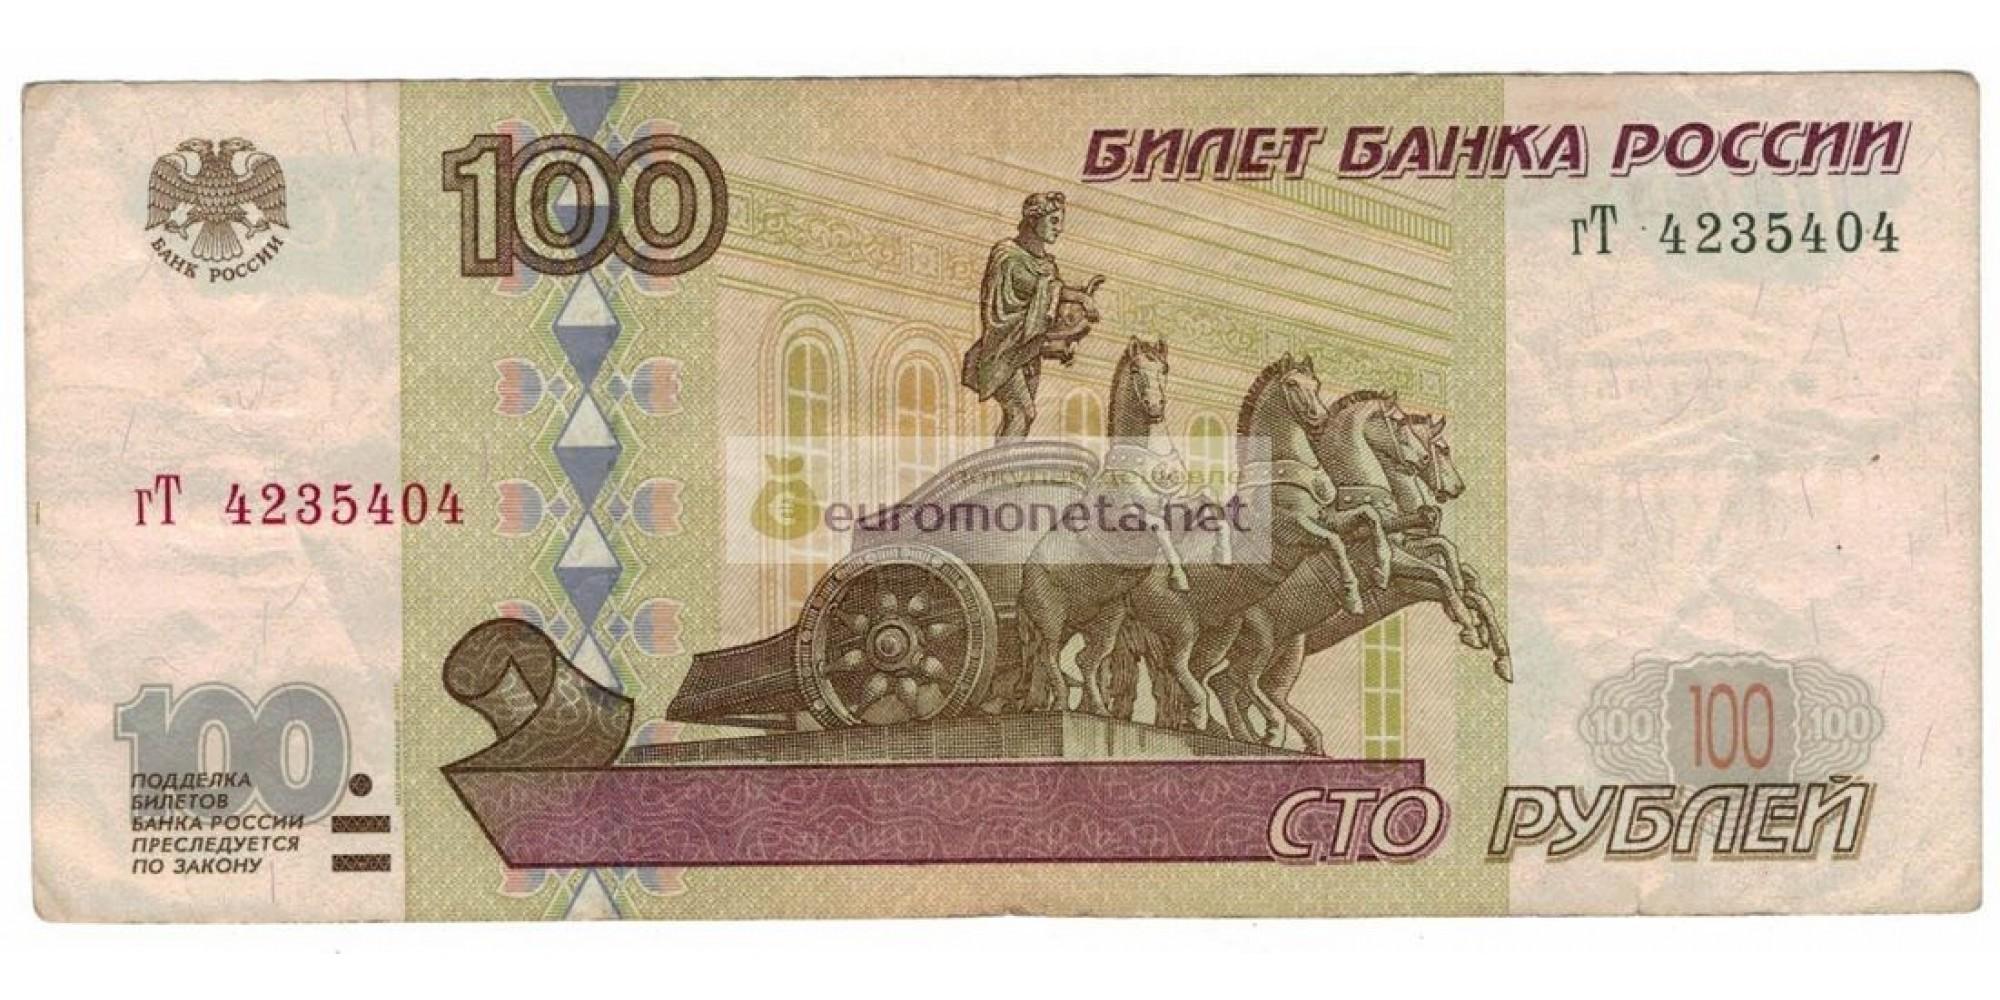 Россия 100 рублей 1997 год модификация 2001 год серия гТ 4235404